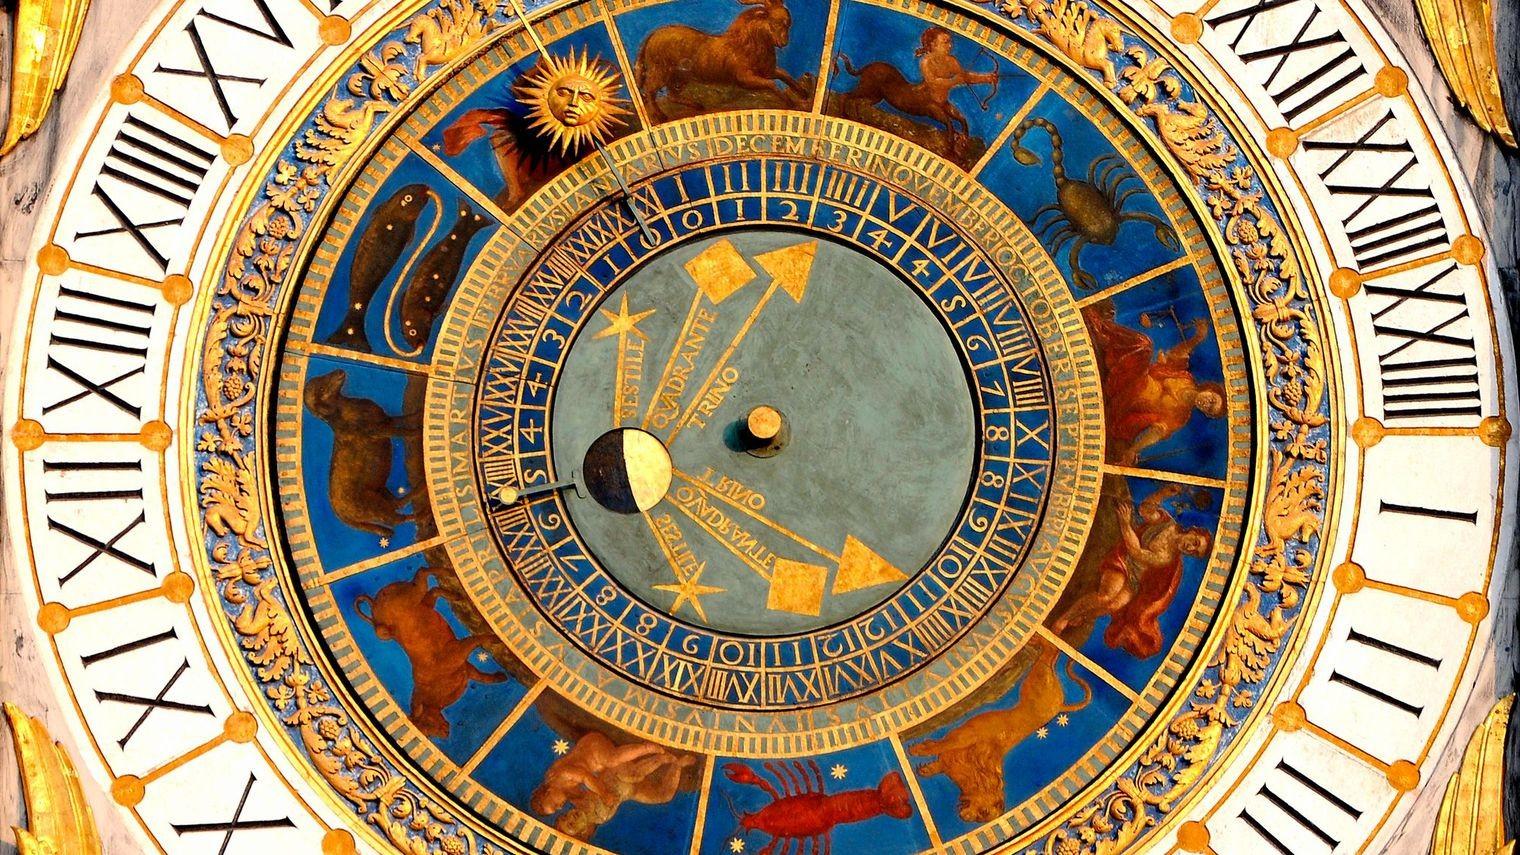 Dnevni horoskop za 22. septembar: Strelčevi, ovaj dan je jako povoljan za početak nove ljubavne veze